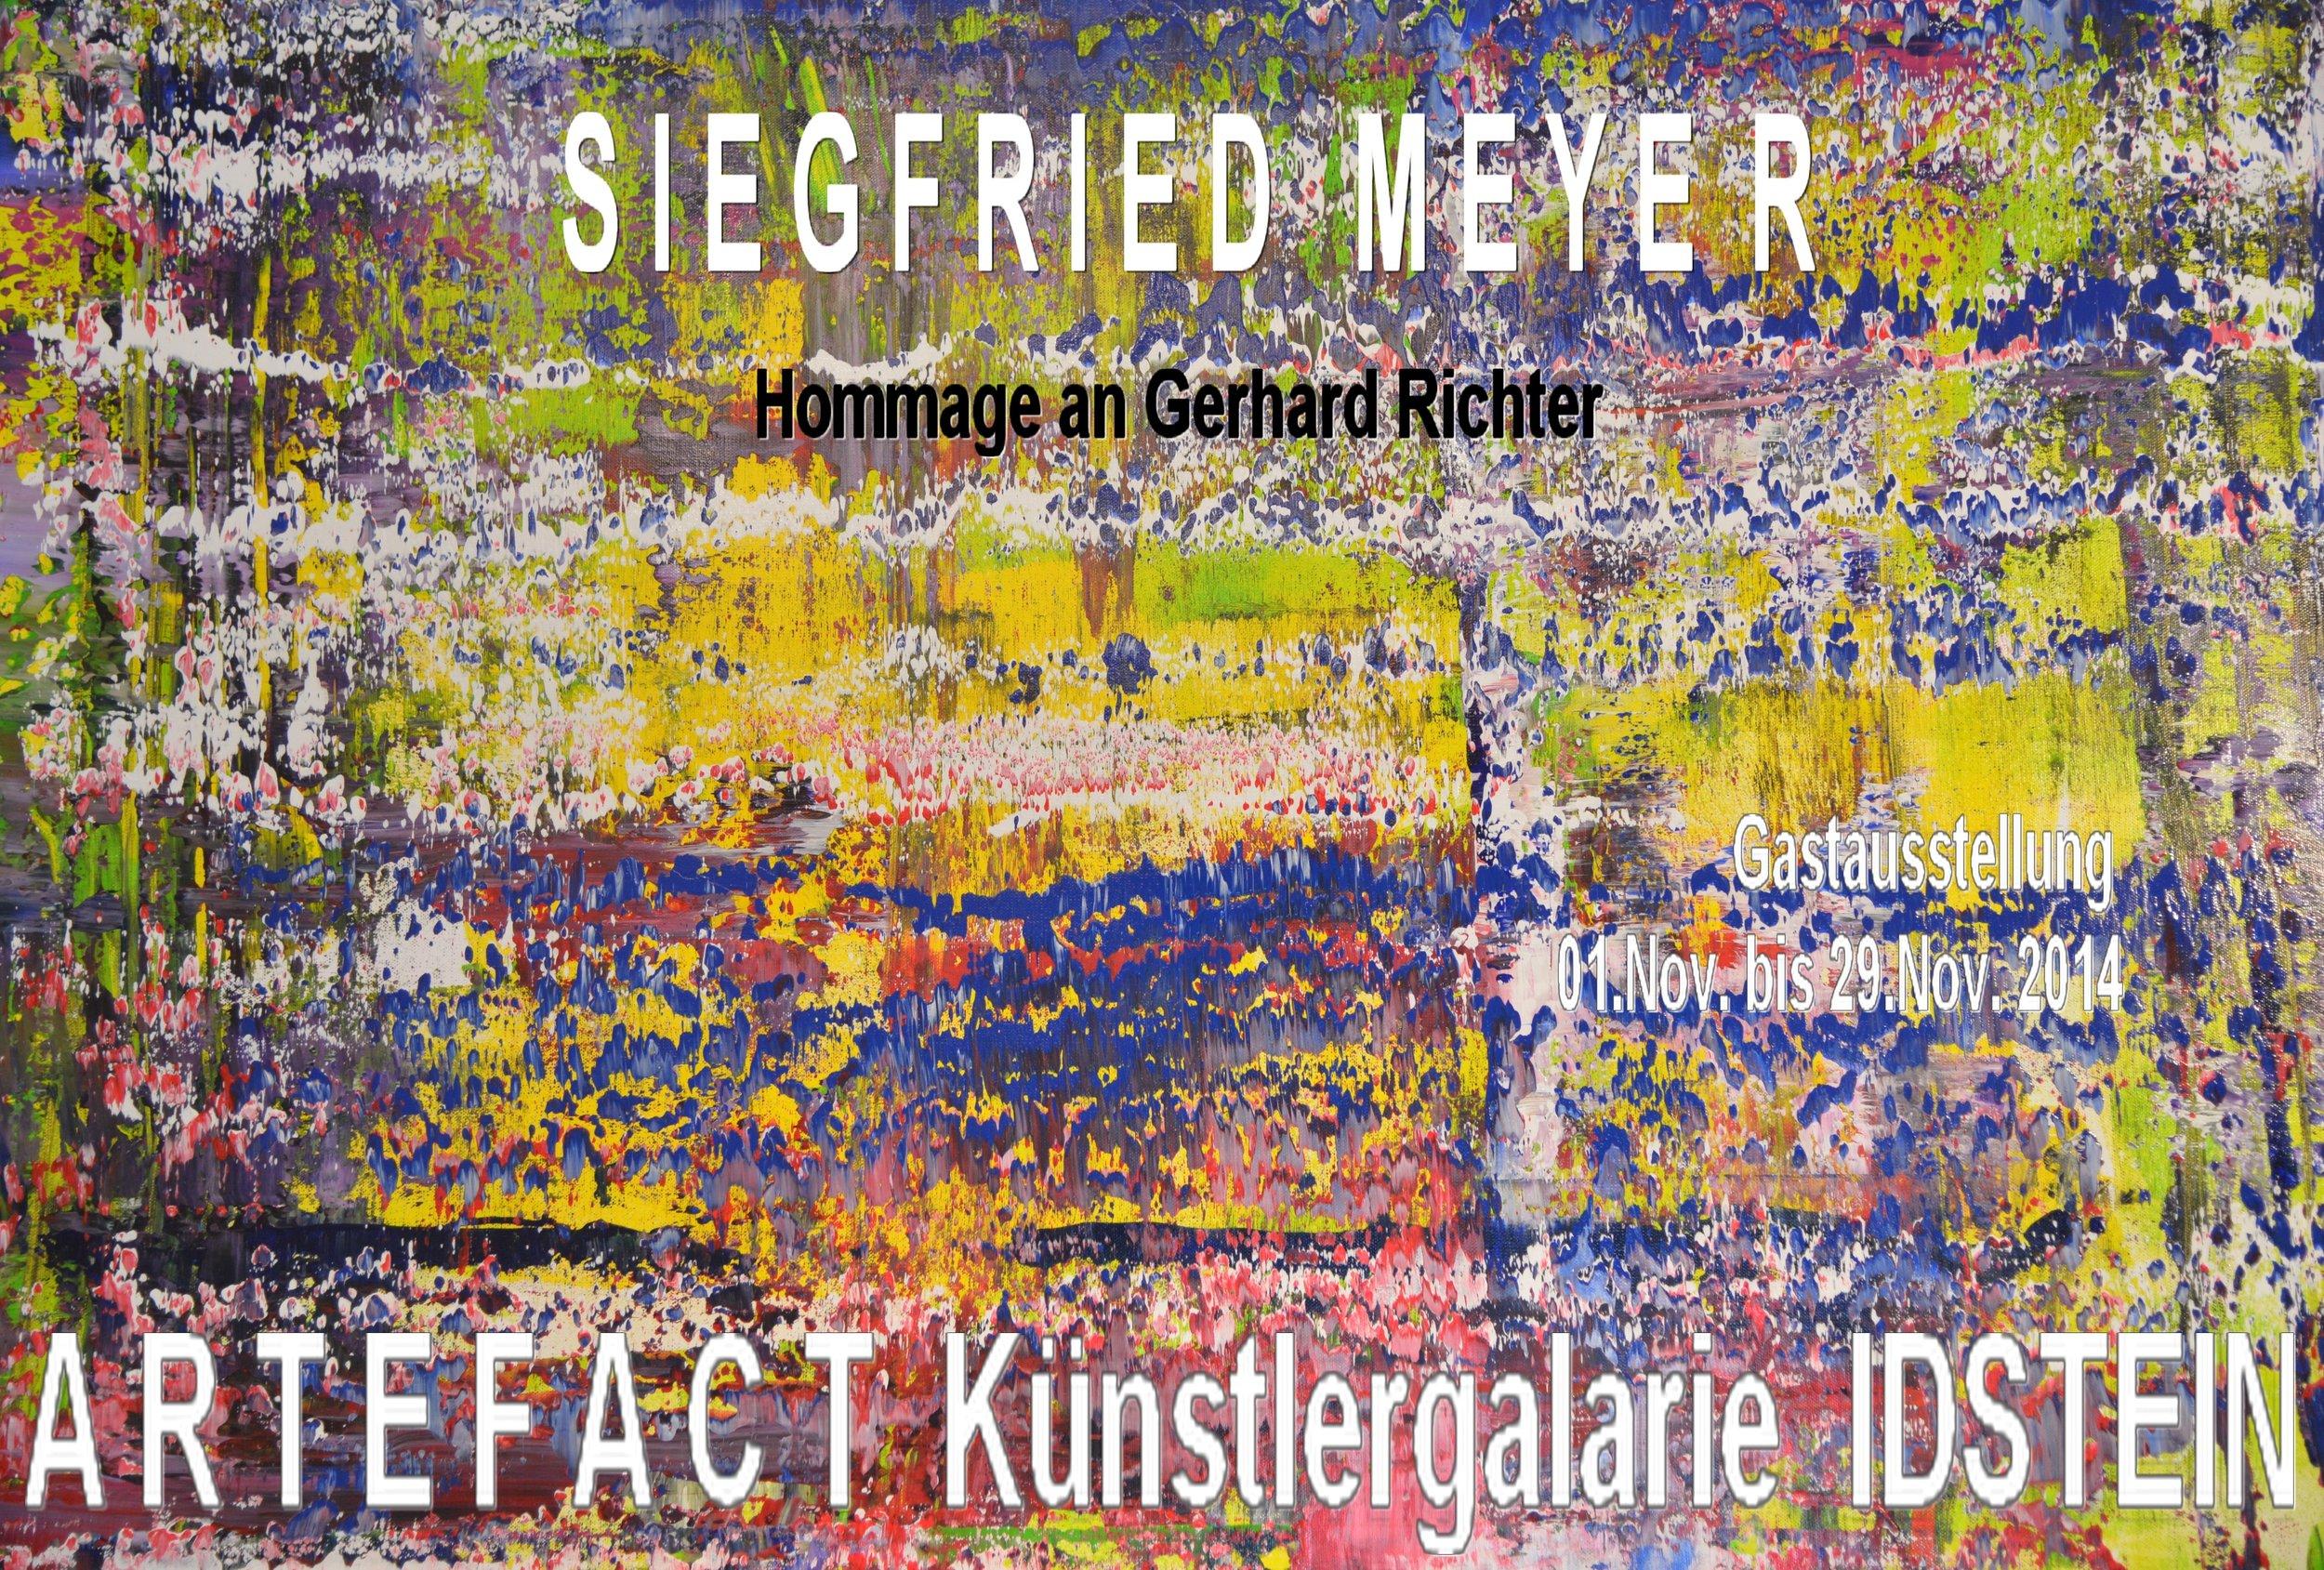 Ausstellungsplakat Hommage an Gerhard Richter.jpg